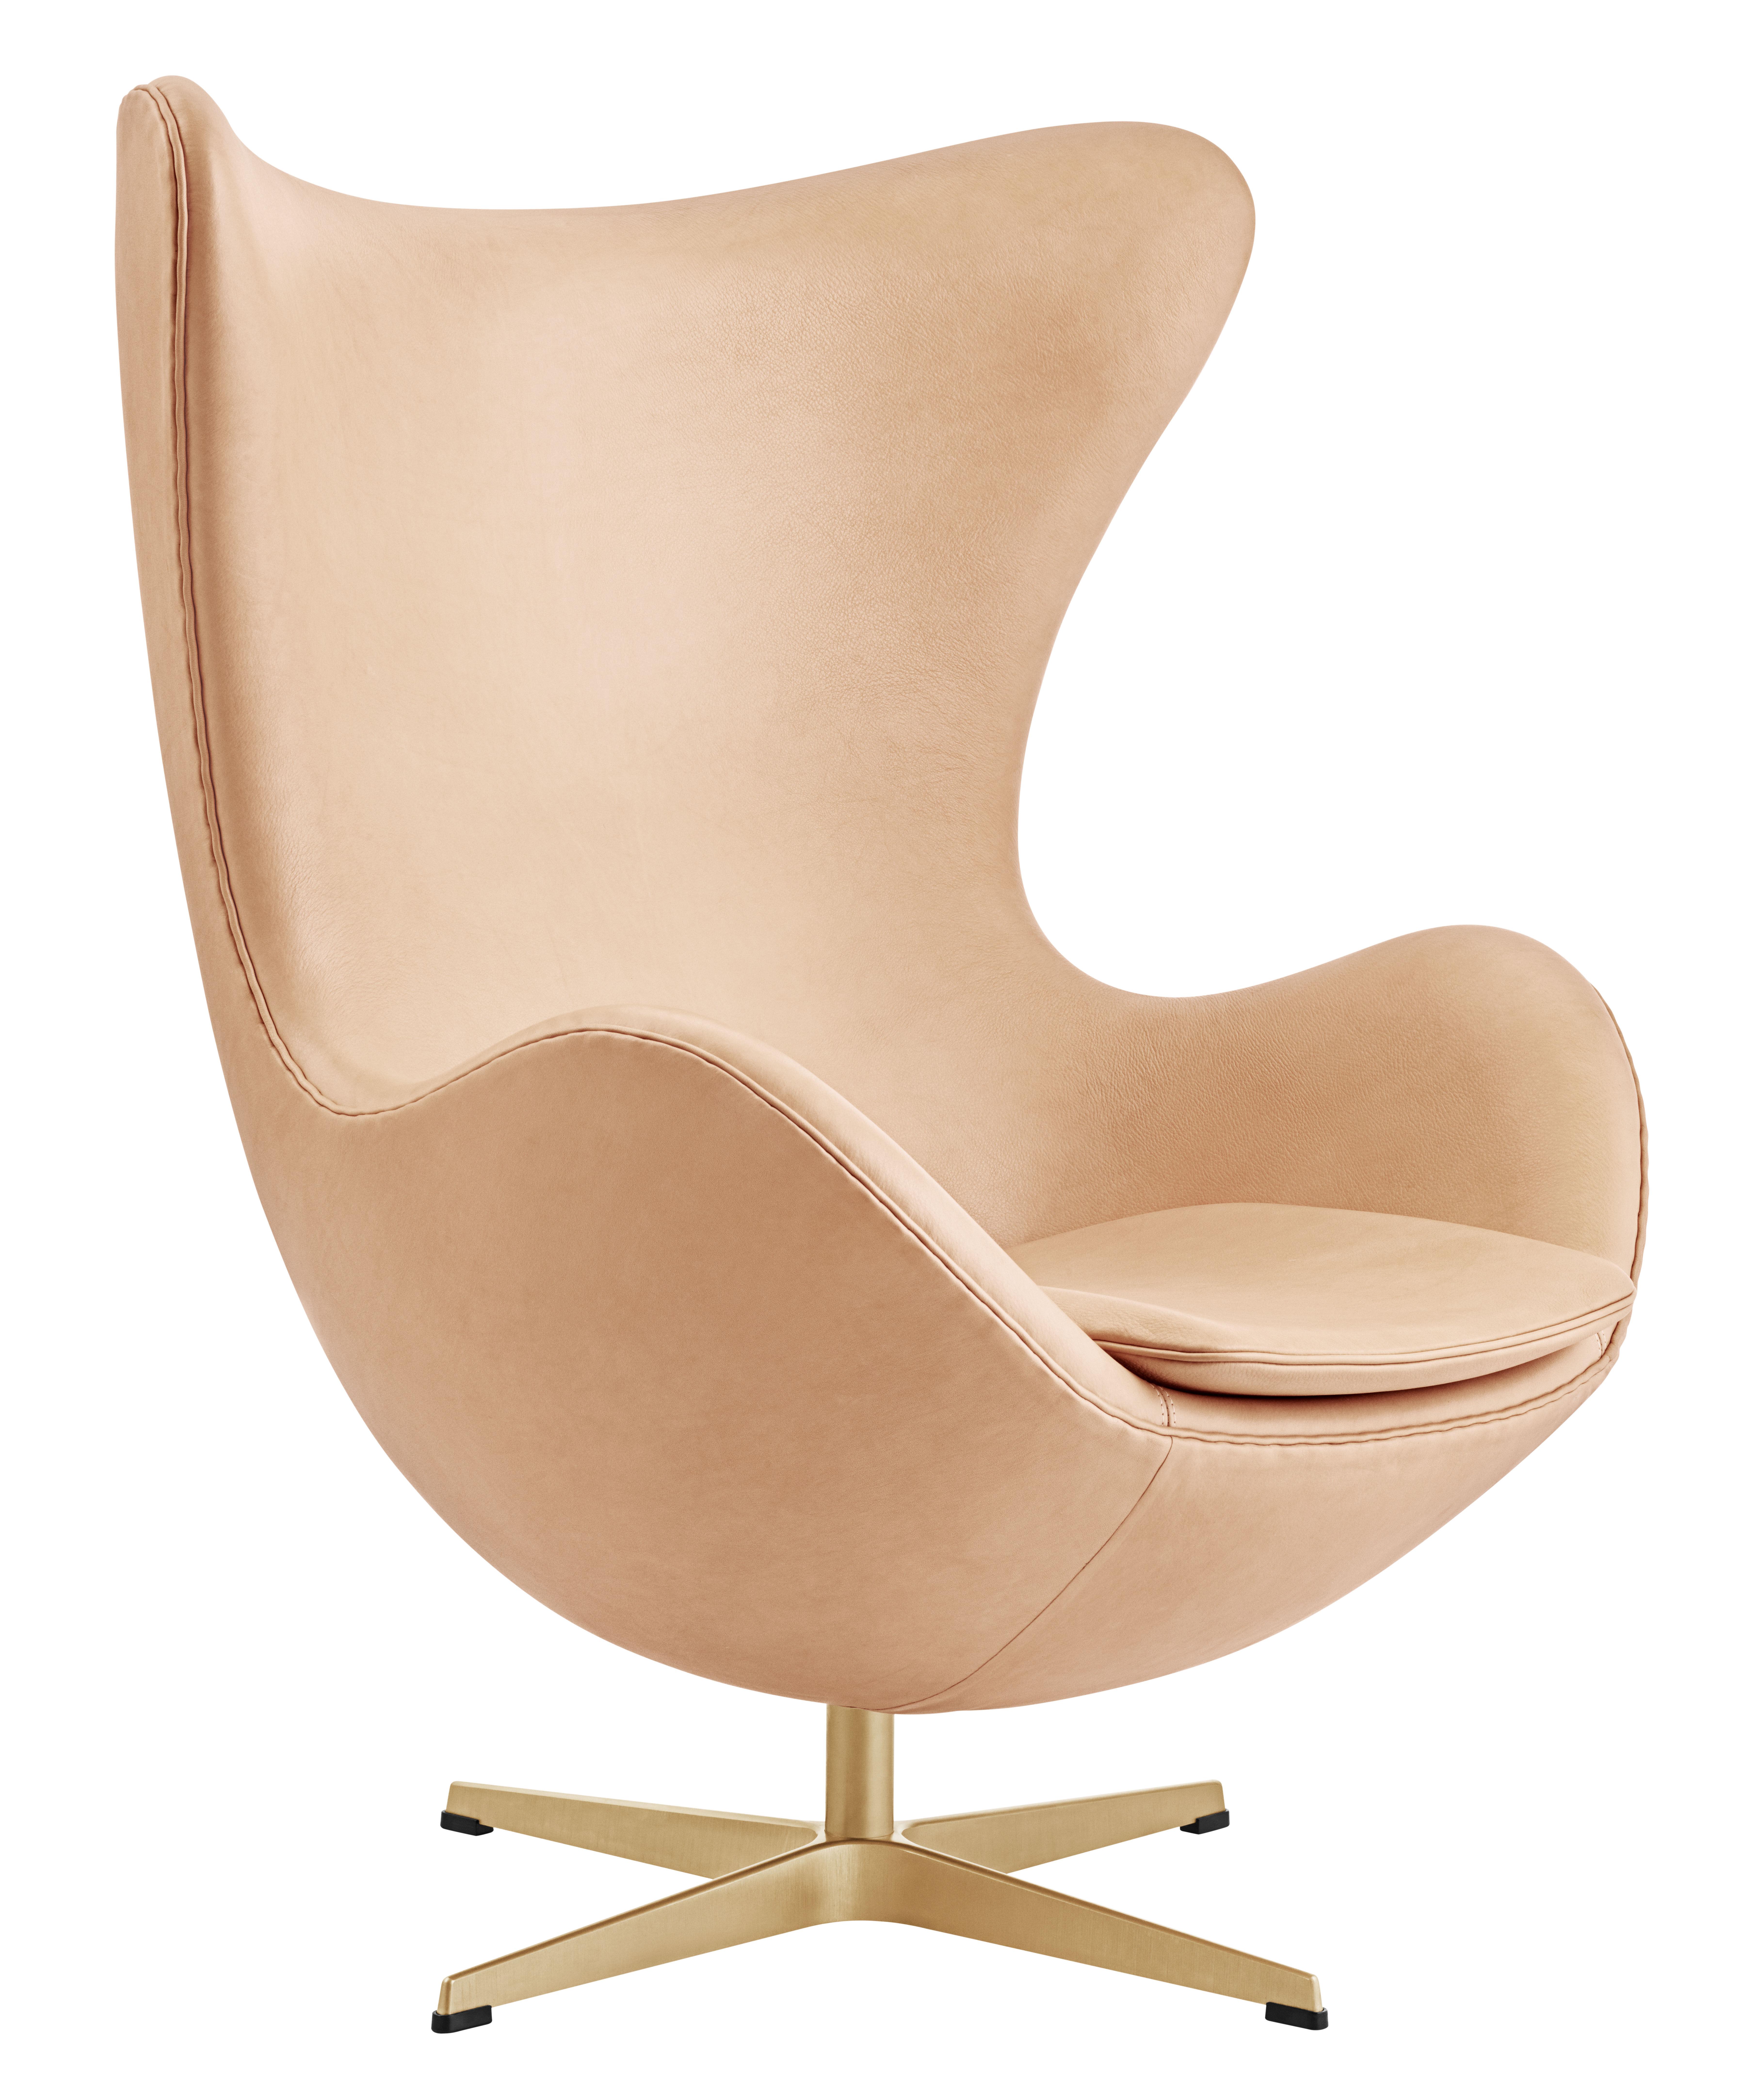 Egg Chair Drehsessel Leder Gold Limitierte Und Nummerierte